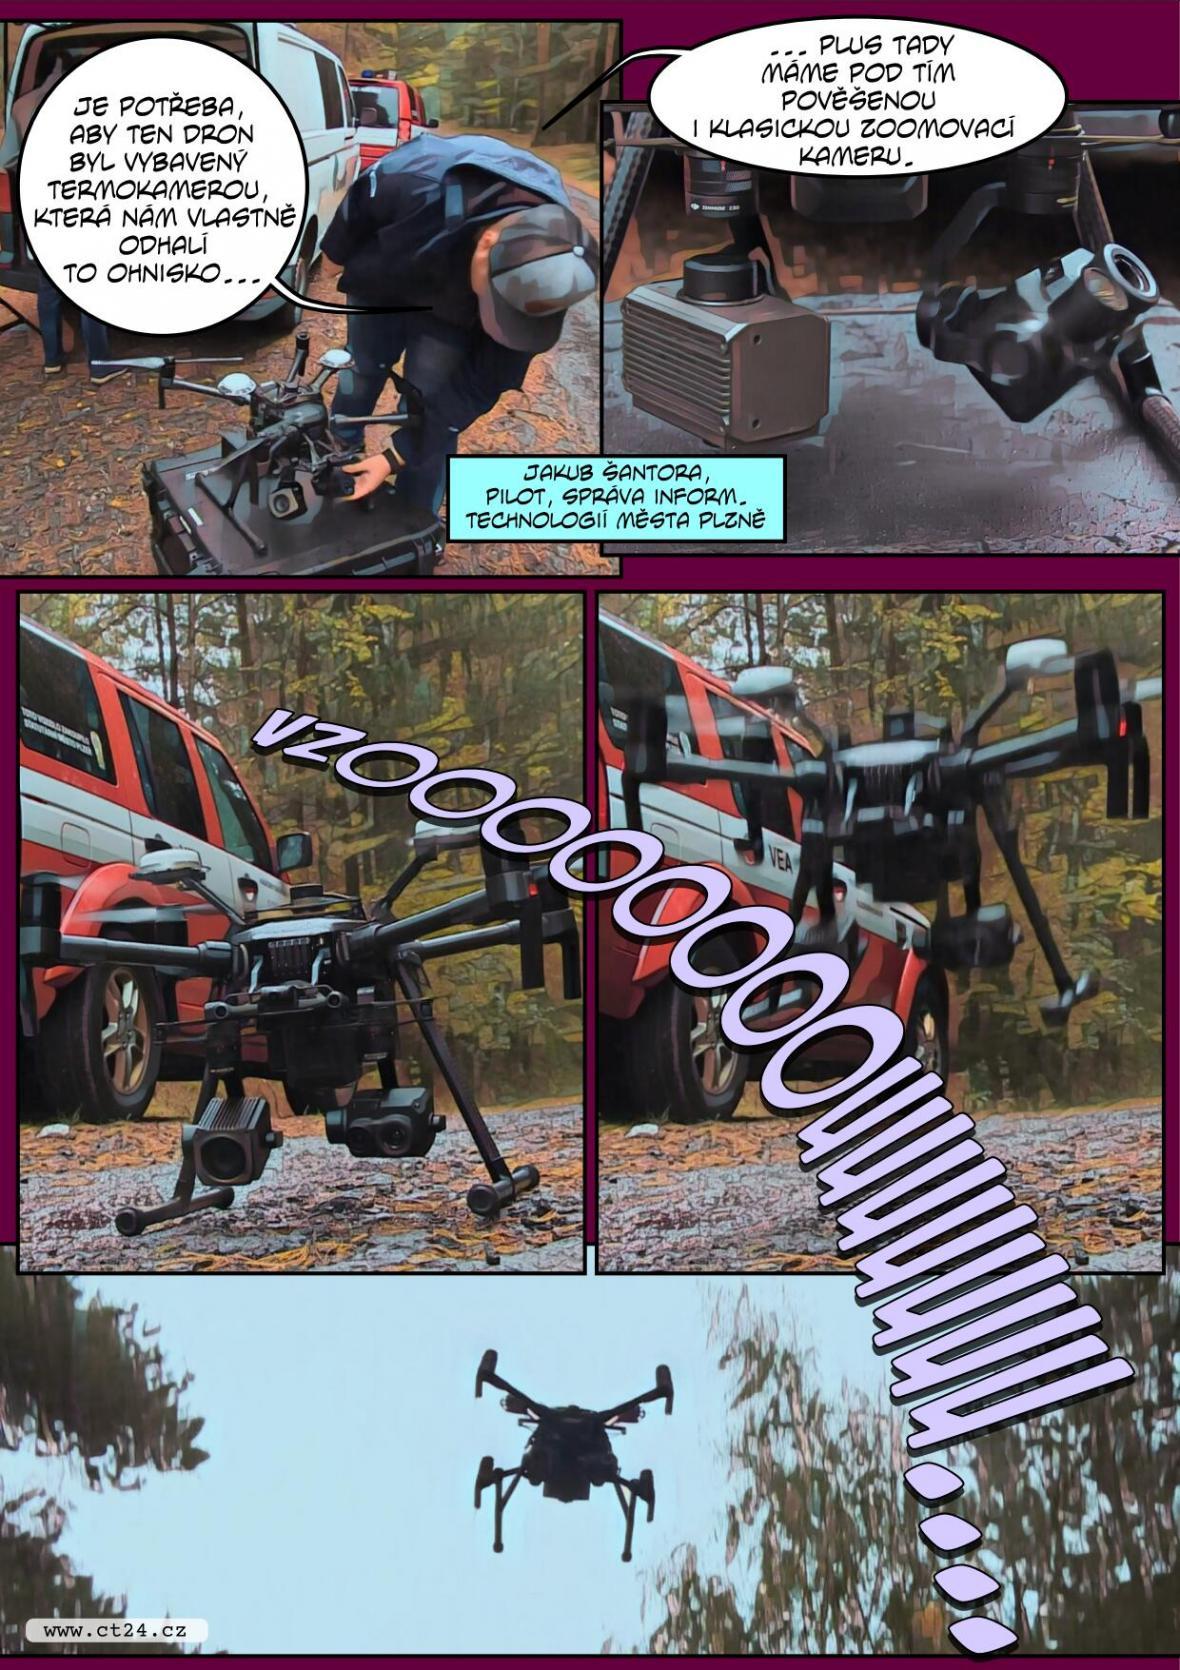 Hasiči v Plzni začali jako první používat při záchraně drony